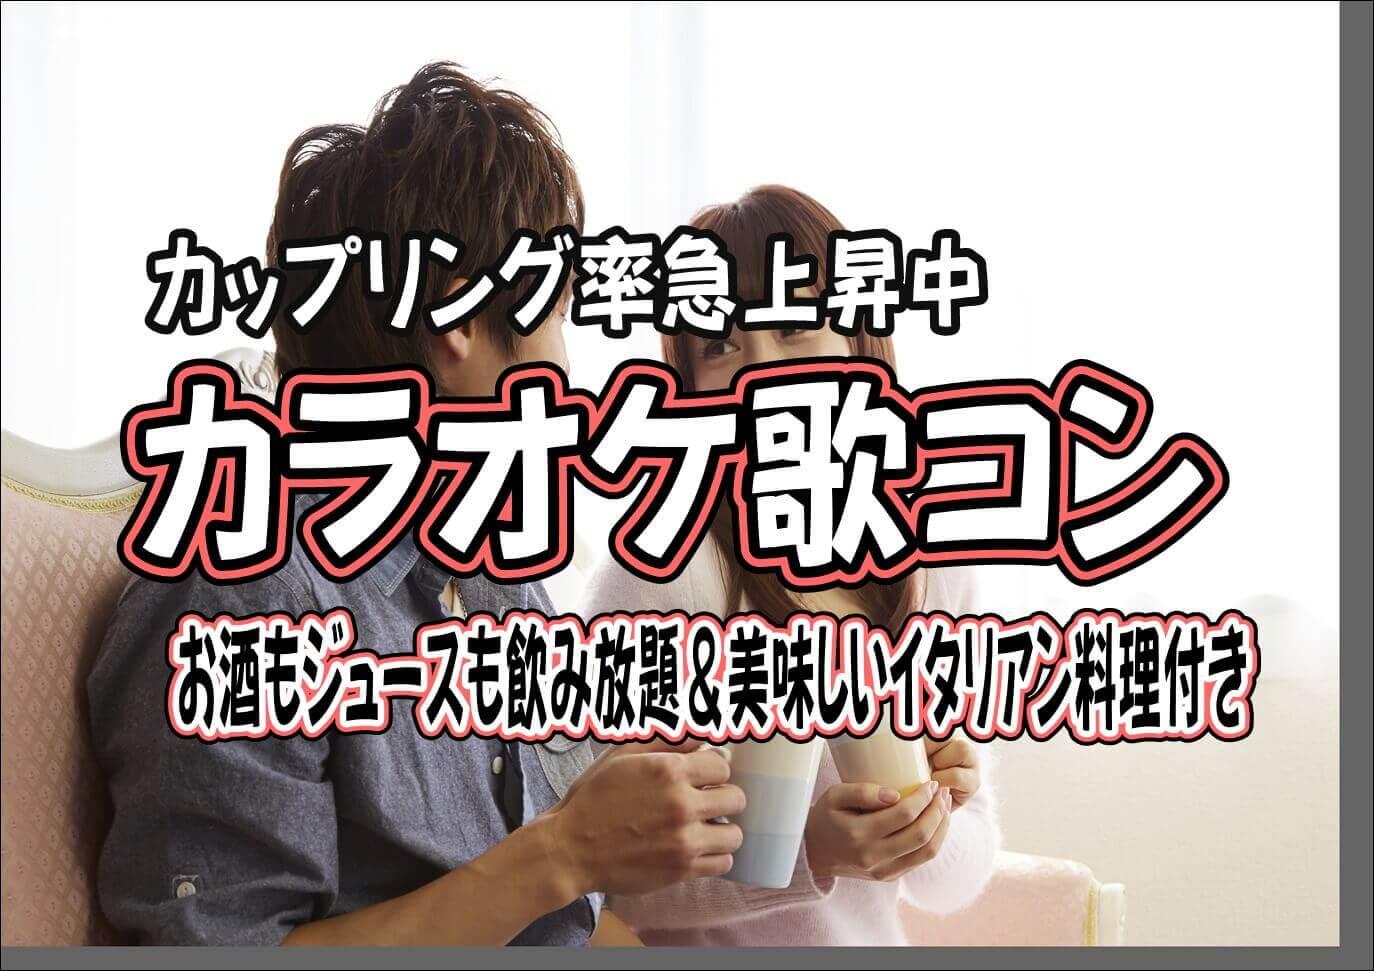 【東京都銀座の趣味コン】エスクロ・ジャパン株式会社主催 2017年2月7日